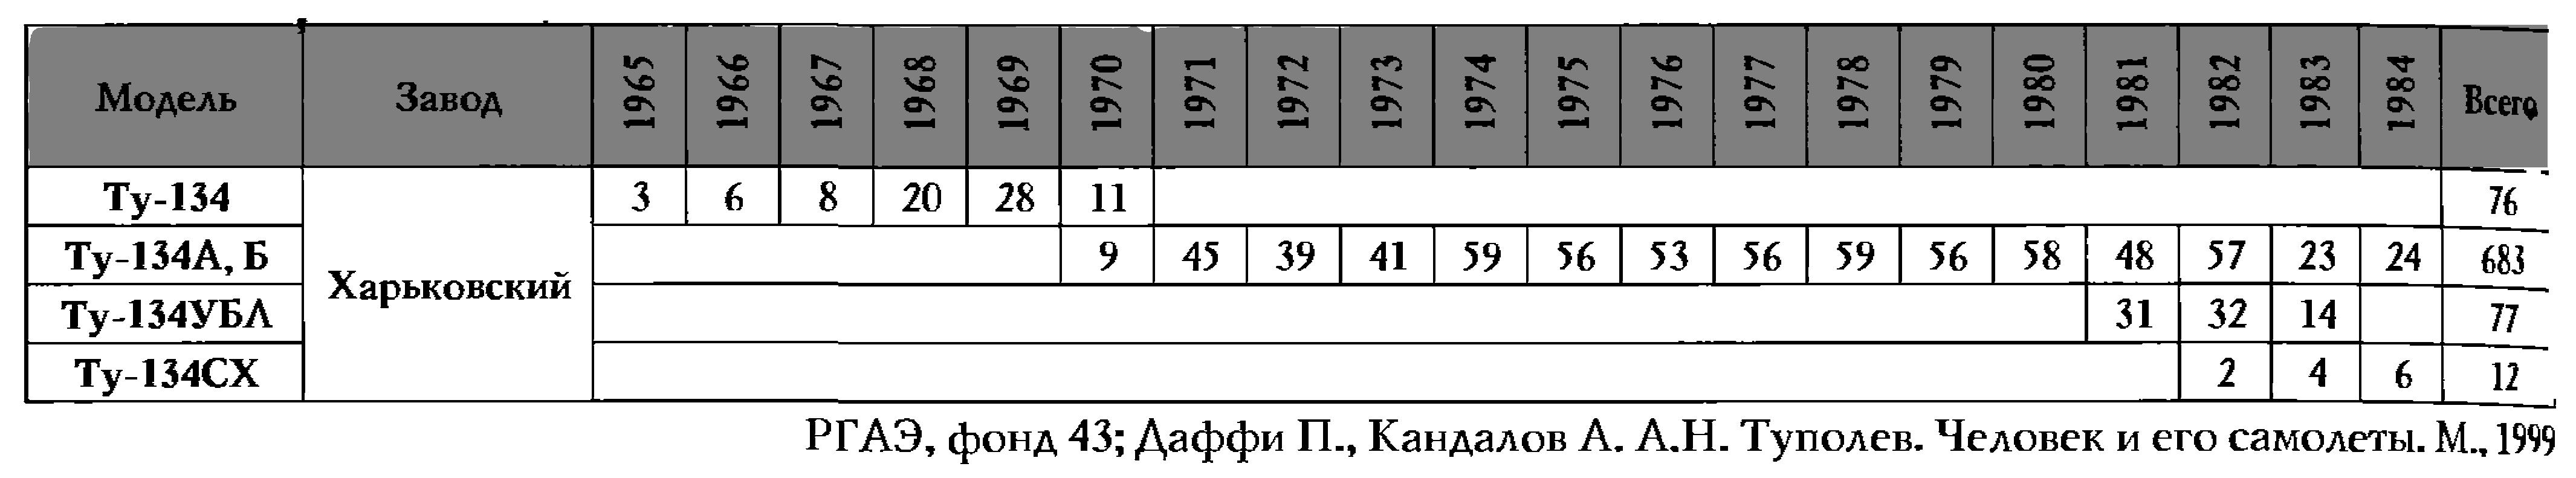 Ту-134 производство.png